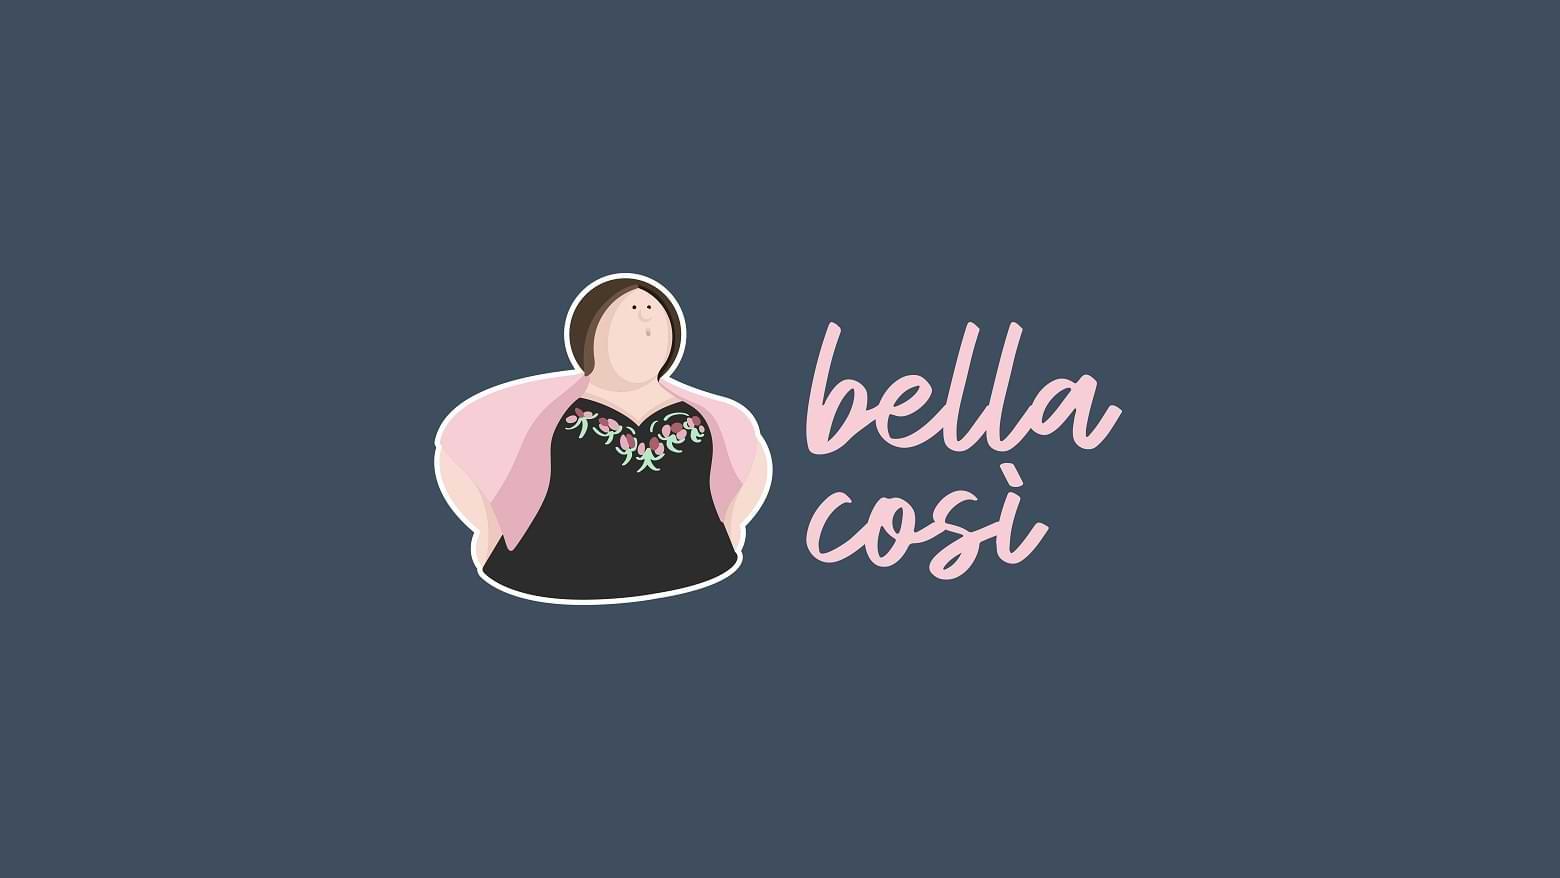 Identité visuelle, logo design, flyer, carte de visite, emballage alimentaire & charte graphique Bella Cosi / Pizzeria mobile / Traiteur événementiel / Epicerie fine